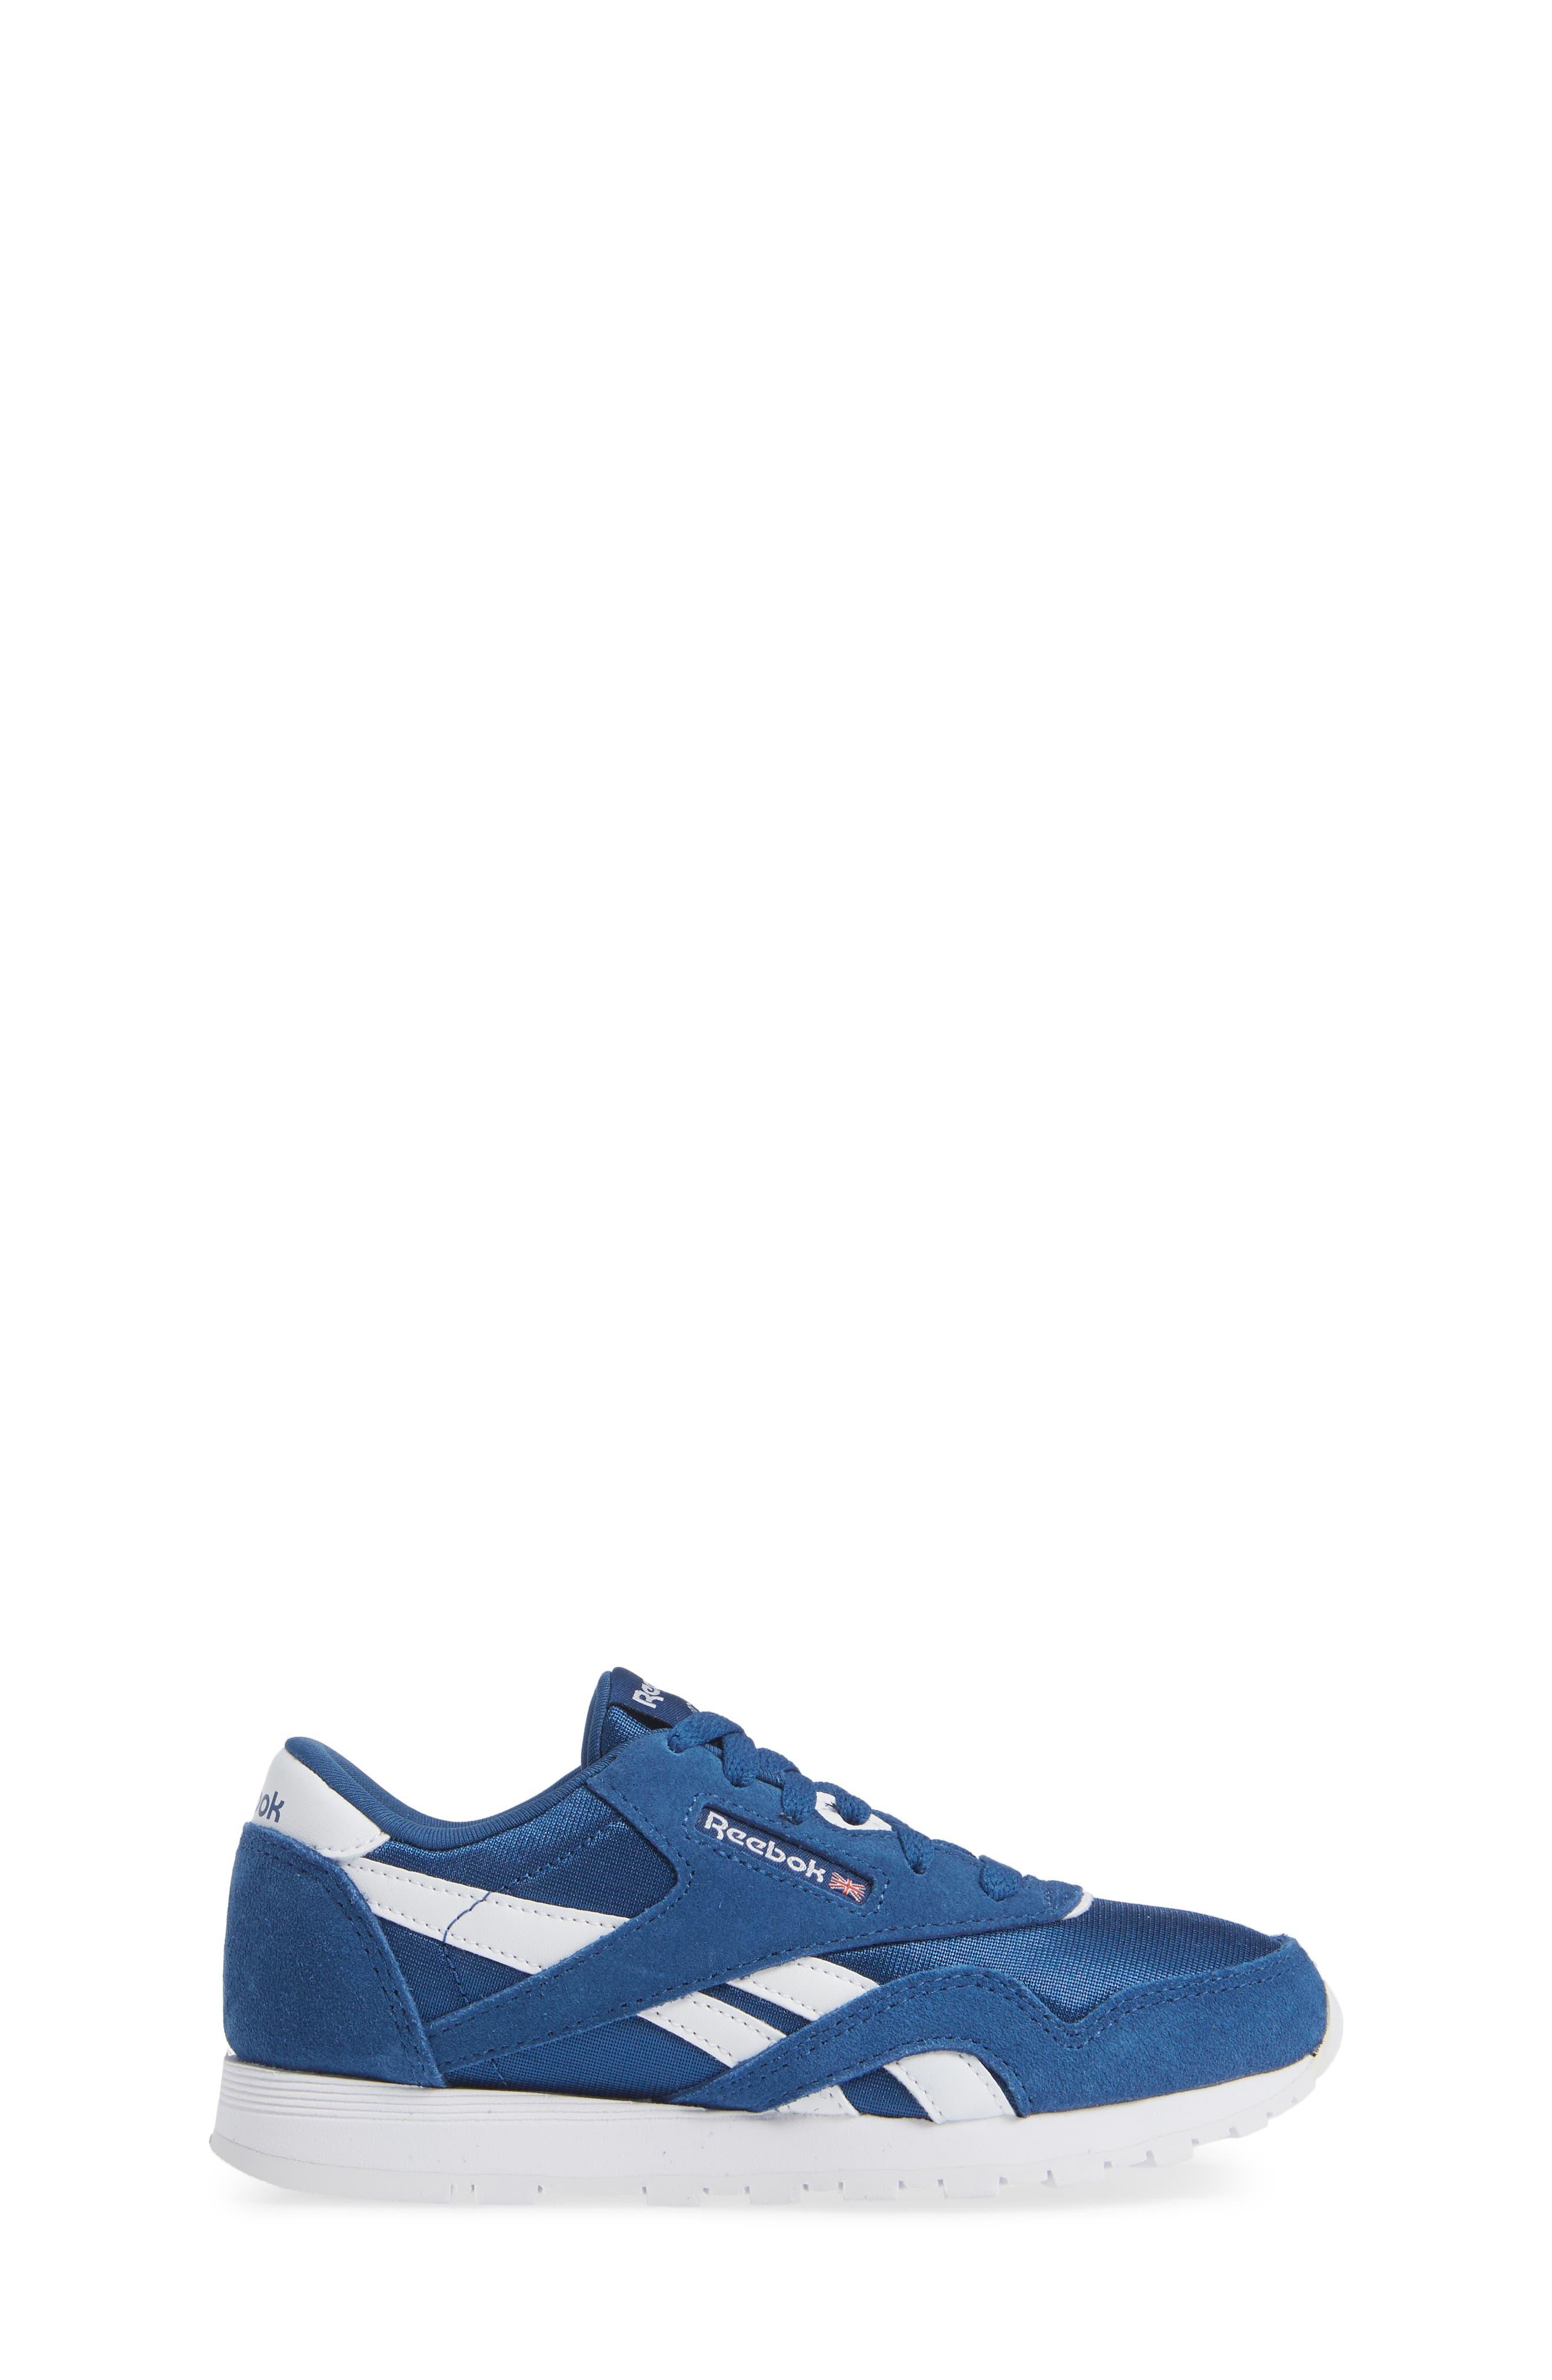 Classic Nylon Sneaker,                             Alternate thumbnail 6, color,                             Bunker Blue/ White